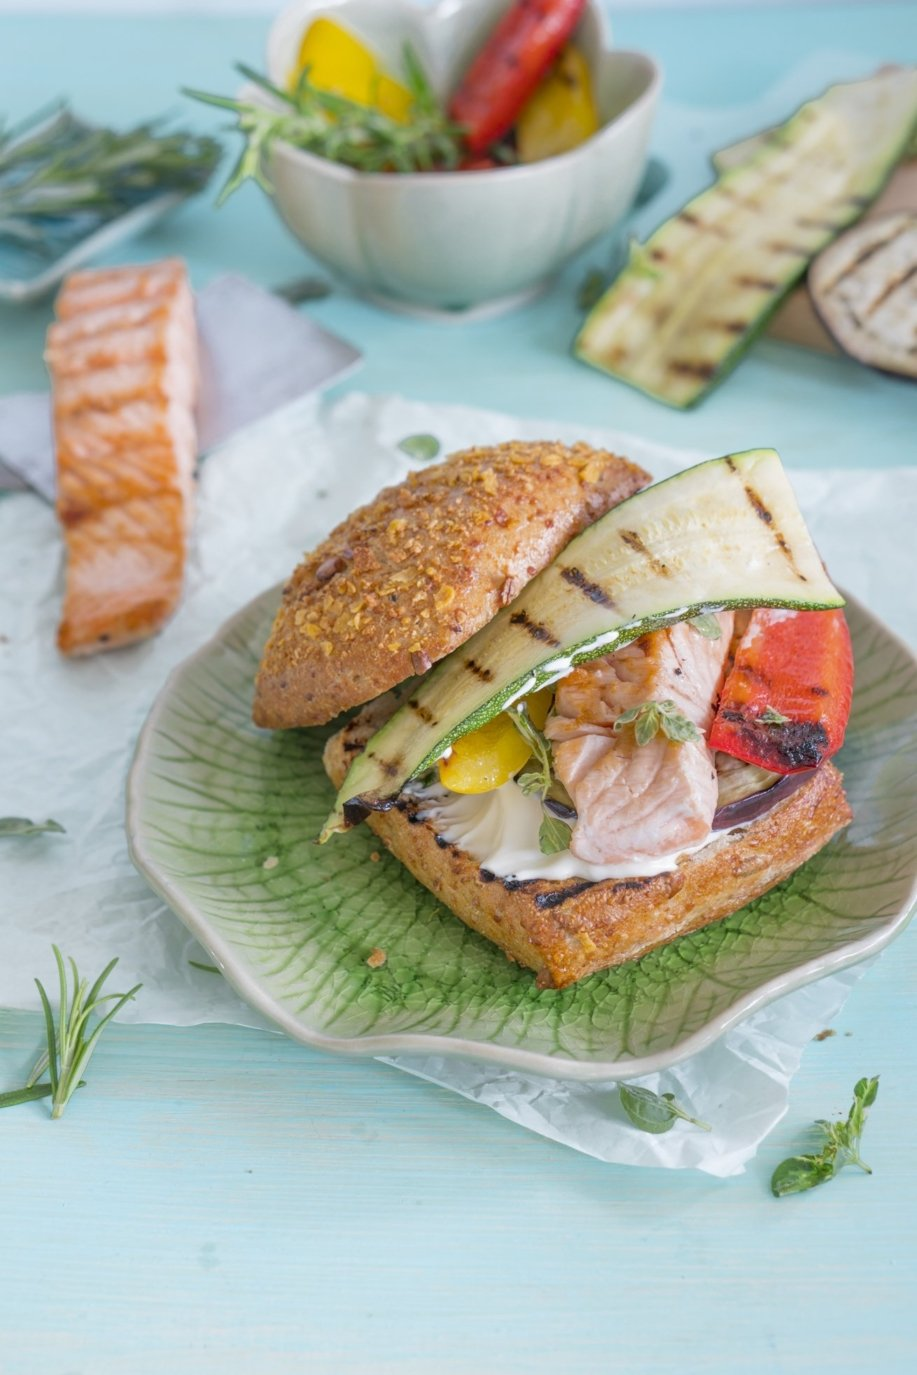 Mediterraner Lachs Burger mit Grillgemüse und Knoblauchmayonnaise